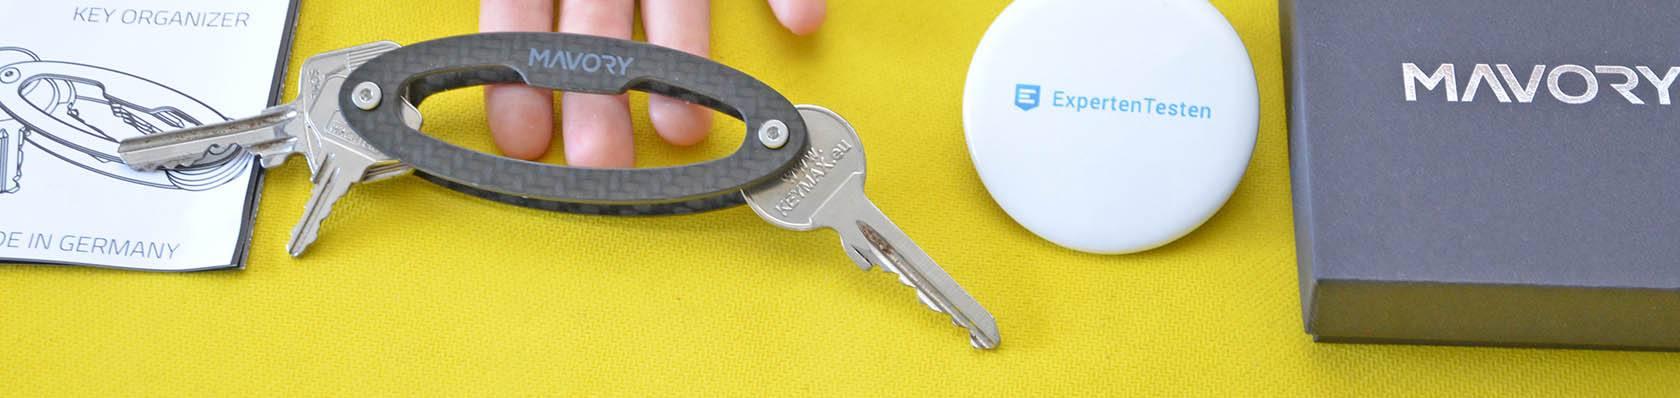 Schlüssel Organizer im Test auf ExpertenTesten.de